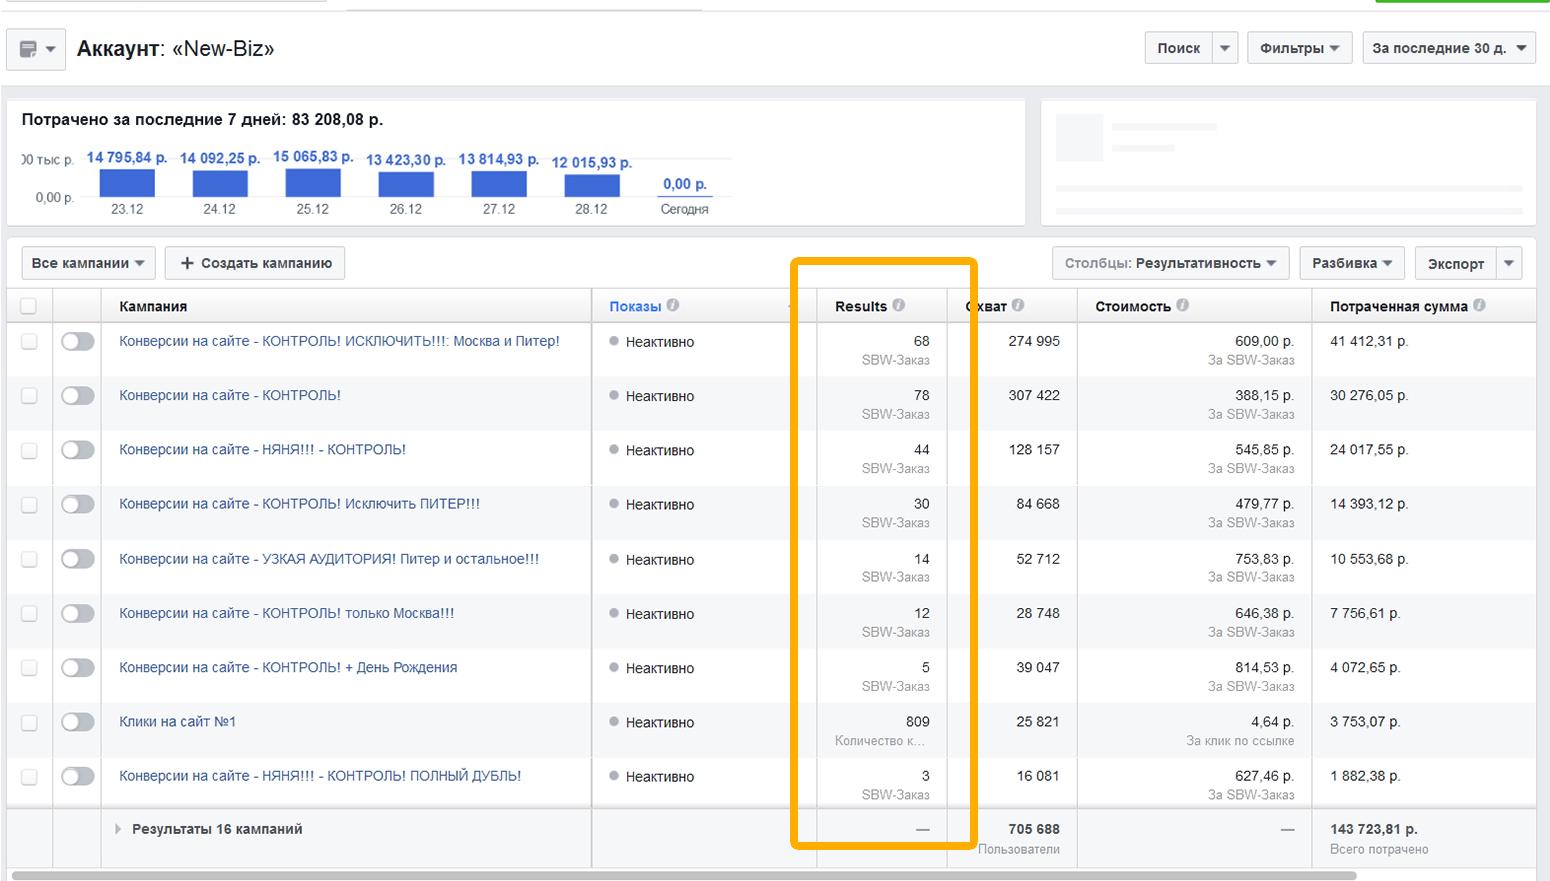 Один из отчетов в менеджере рекламы Фейсбук, со статистикой по конверсиям и продажам